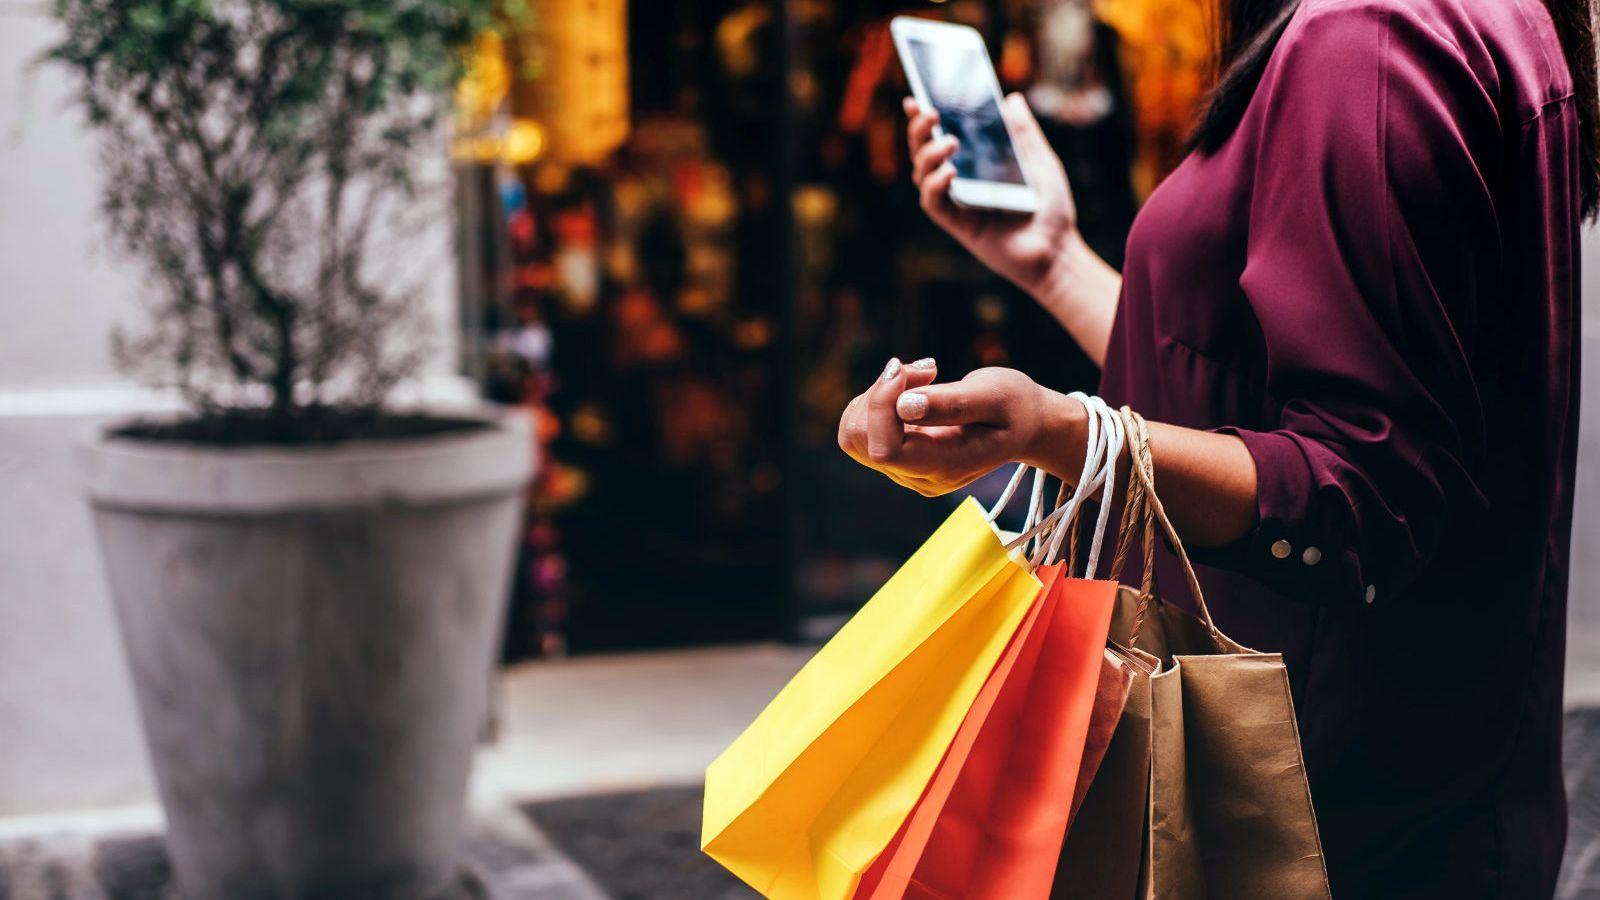 Ανοίγουν τα καταστήματα: Πως θα κάνουμε τα ψώνια μας την επόμενη μέρα του lockdown